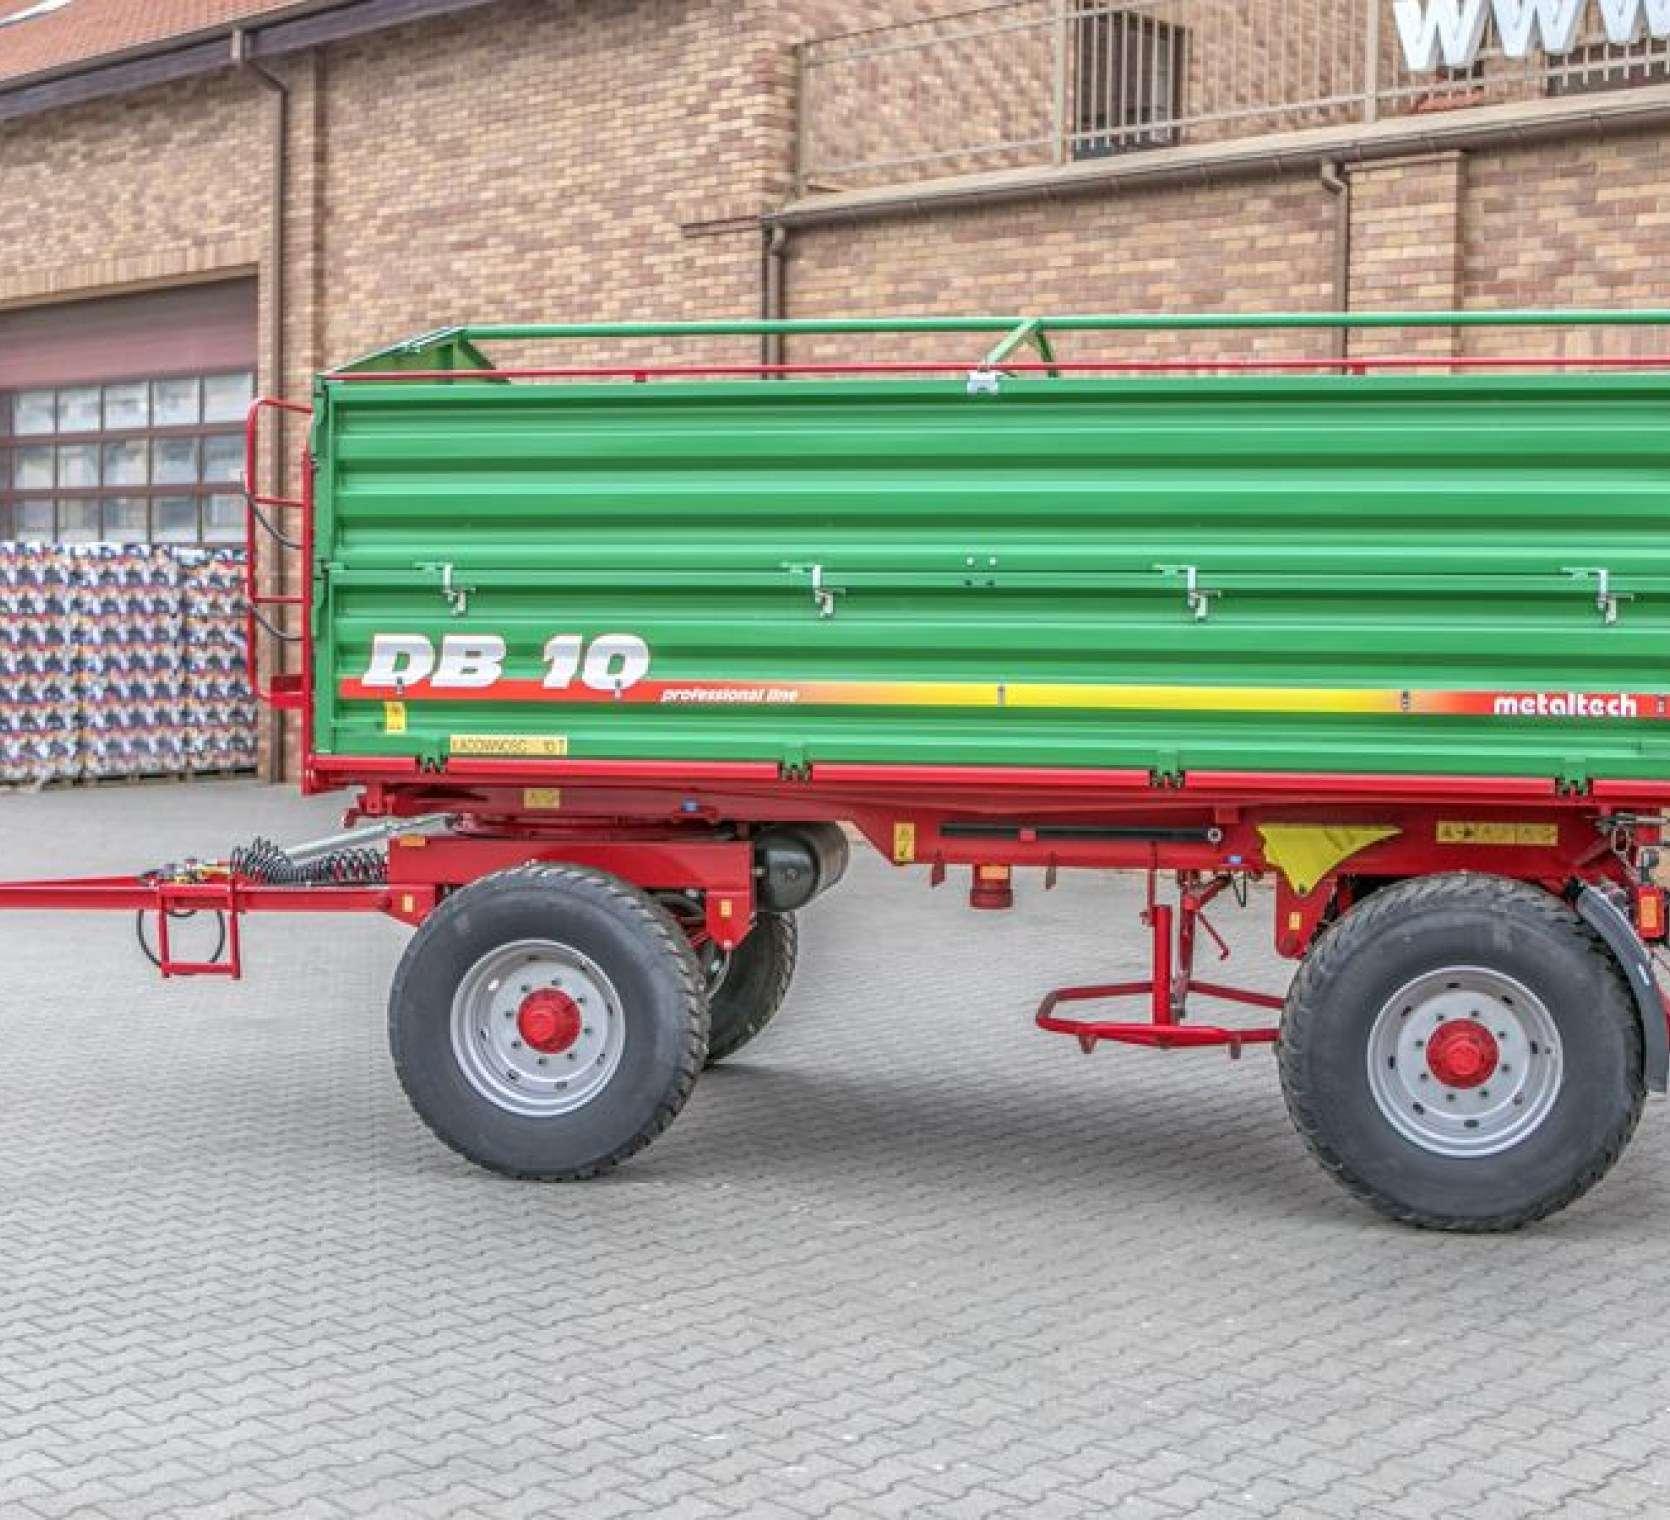 Przyczepa Metaltech DB 10000, skrzynia ładunkowa zielona, rama w kolorze czerwonym, pomost roboczy, koło zapasowe z koszem, dyszel zaczepowy. www.korbanek.pl